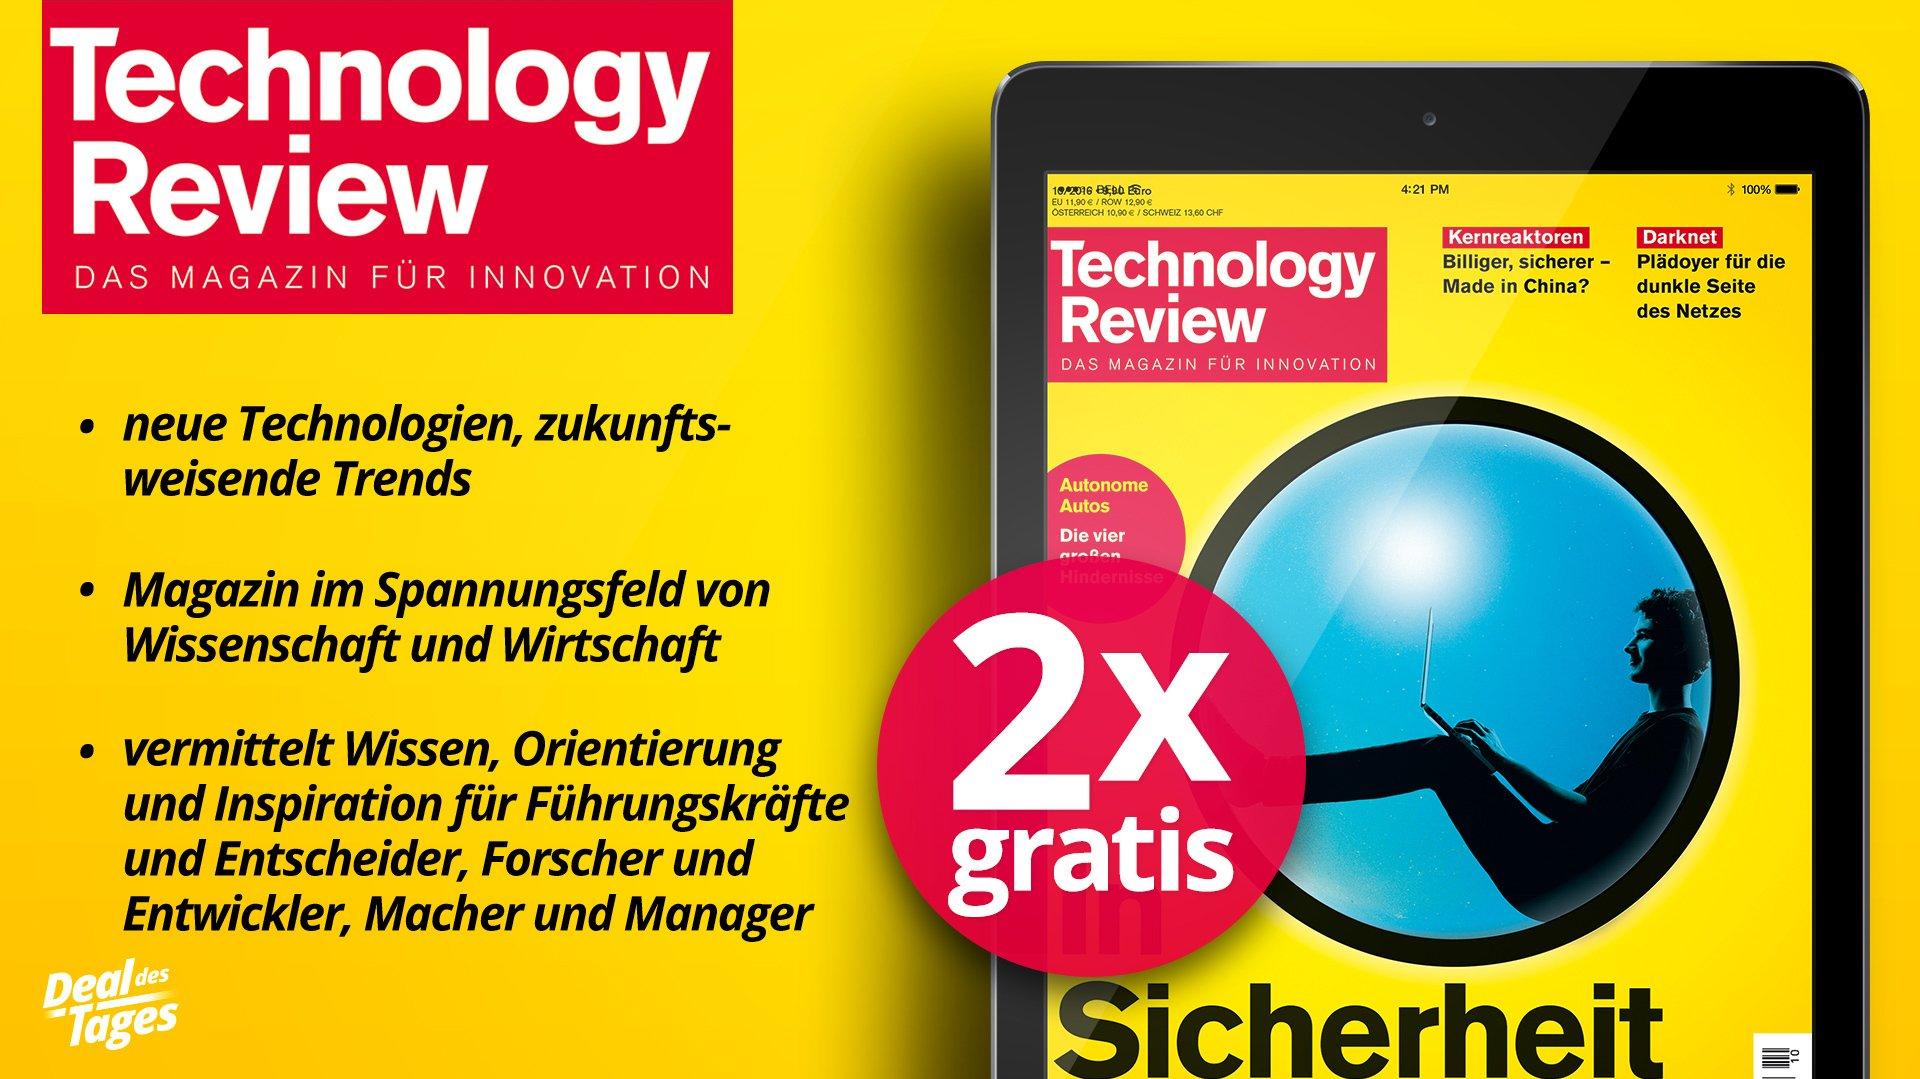 (heise.de) 2 x Technology Review Digital gratis. Kündigung notwendig